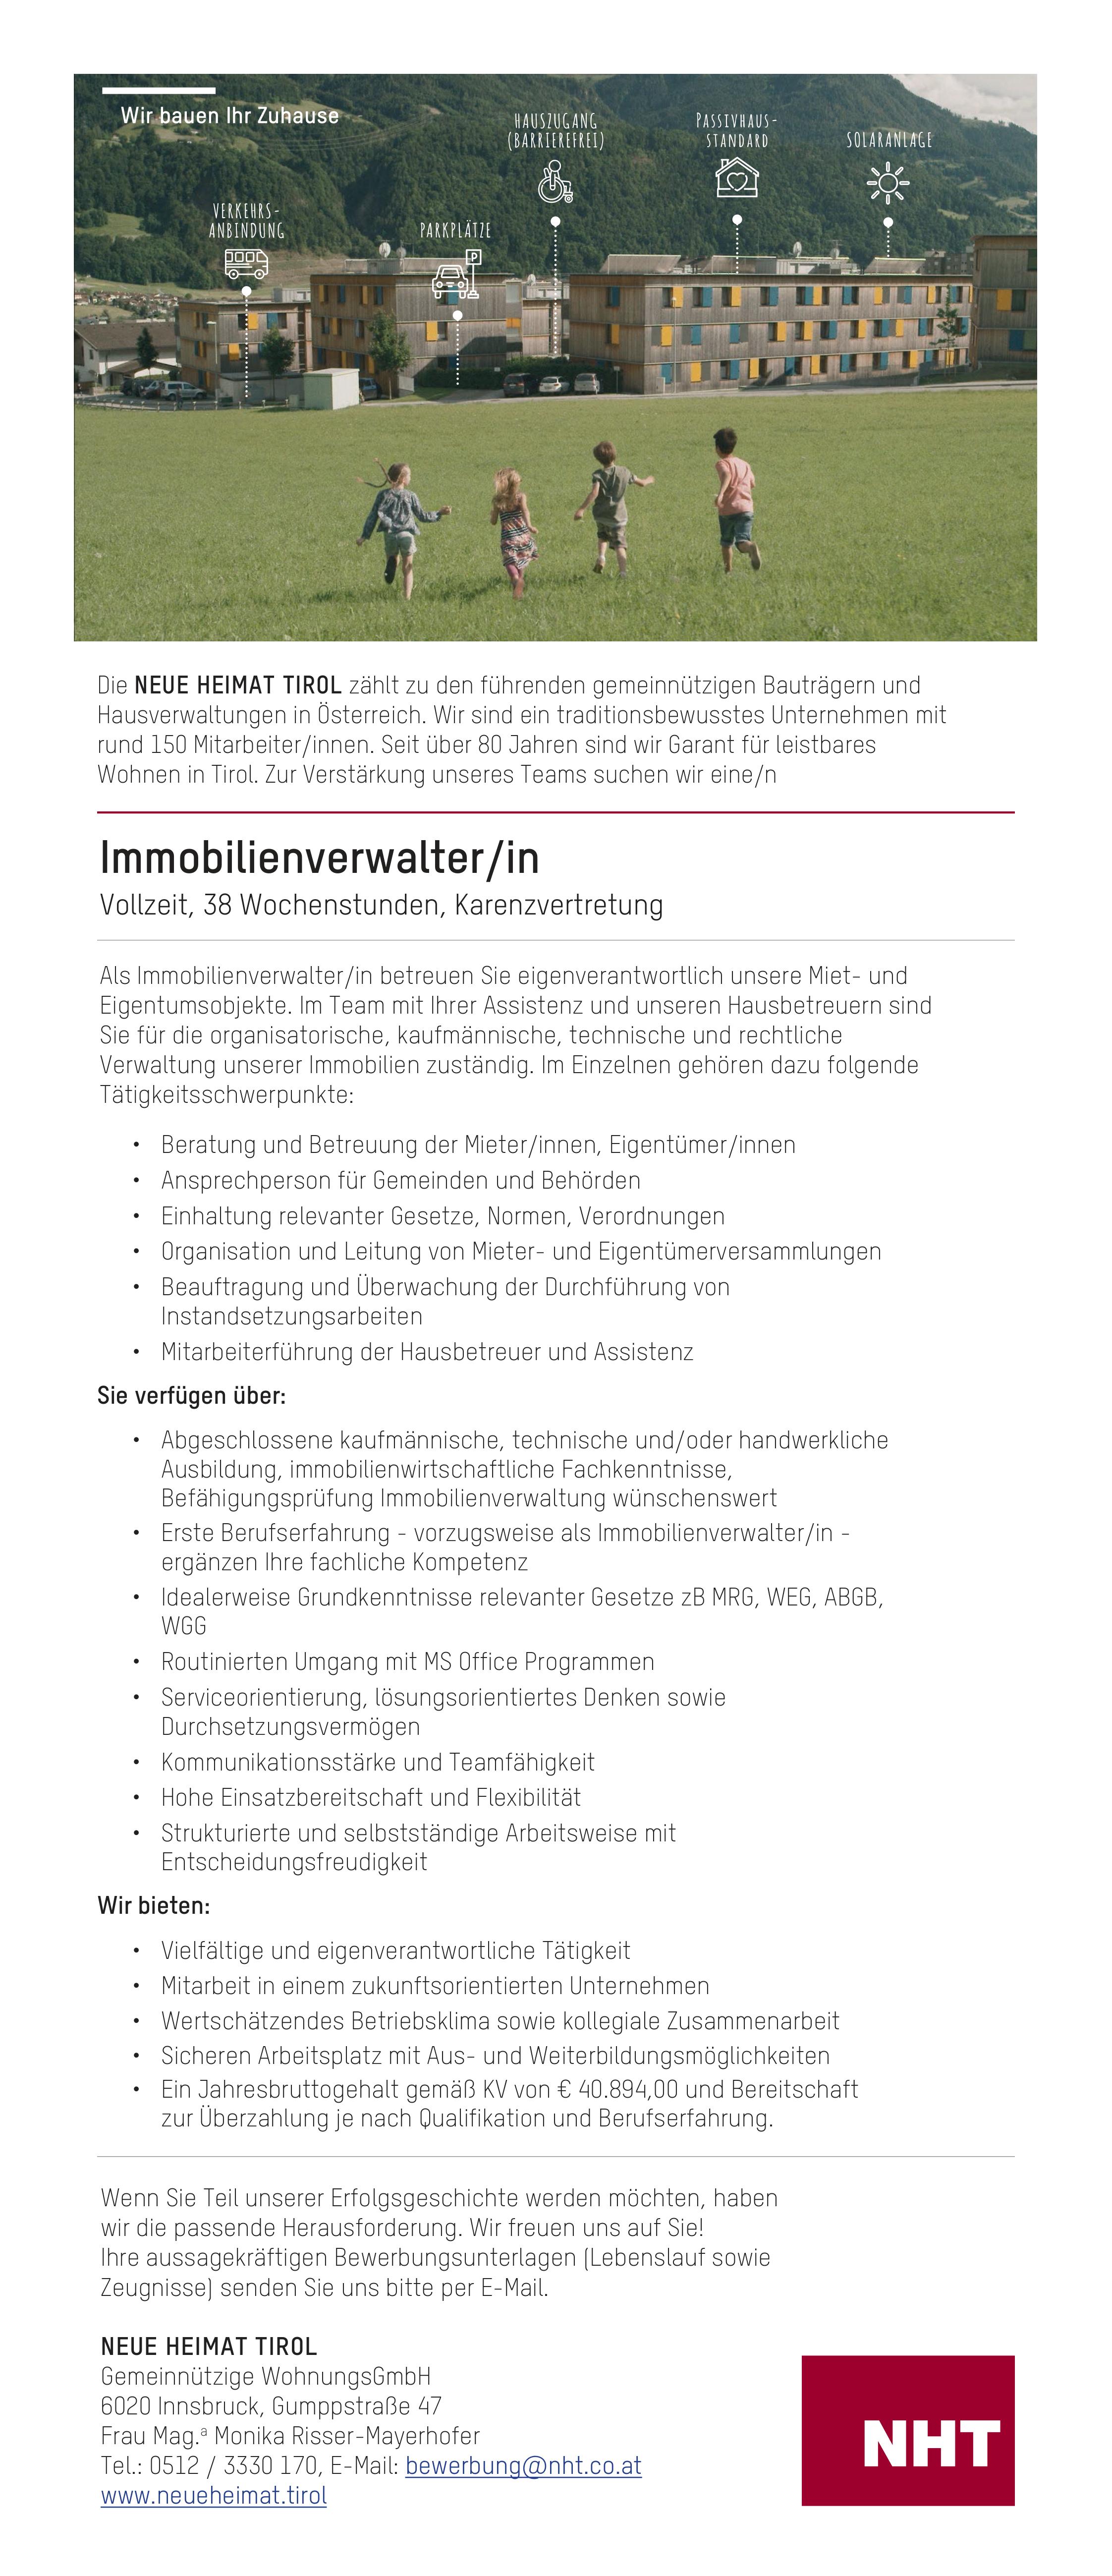 Immobilienverwalter In Im Bezirk Innsbruck Stadt